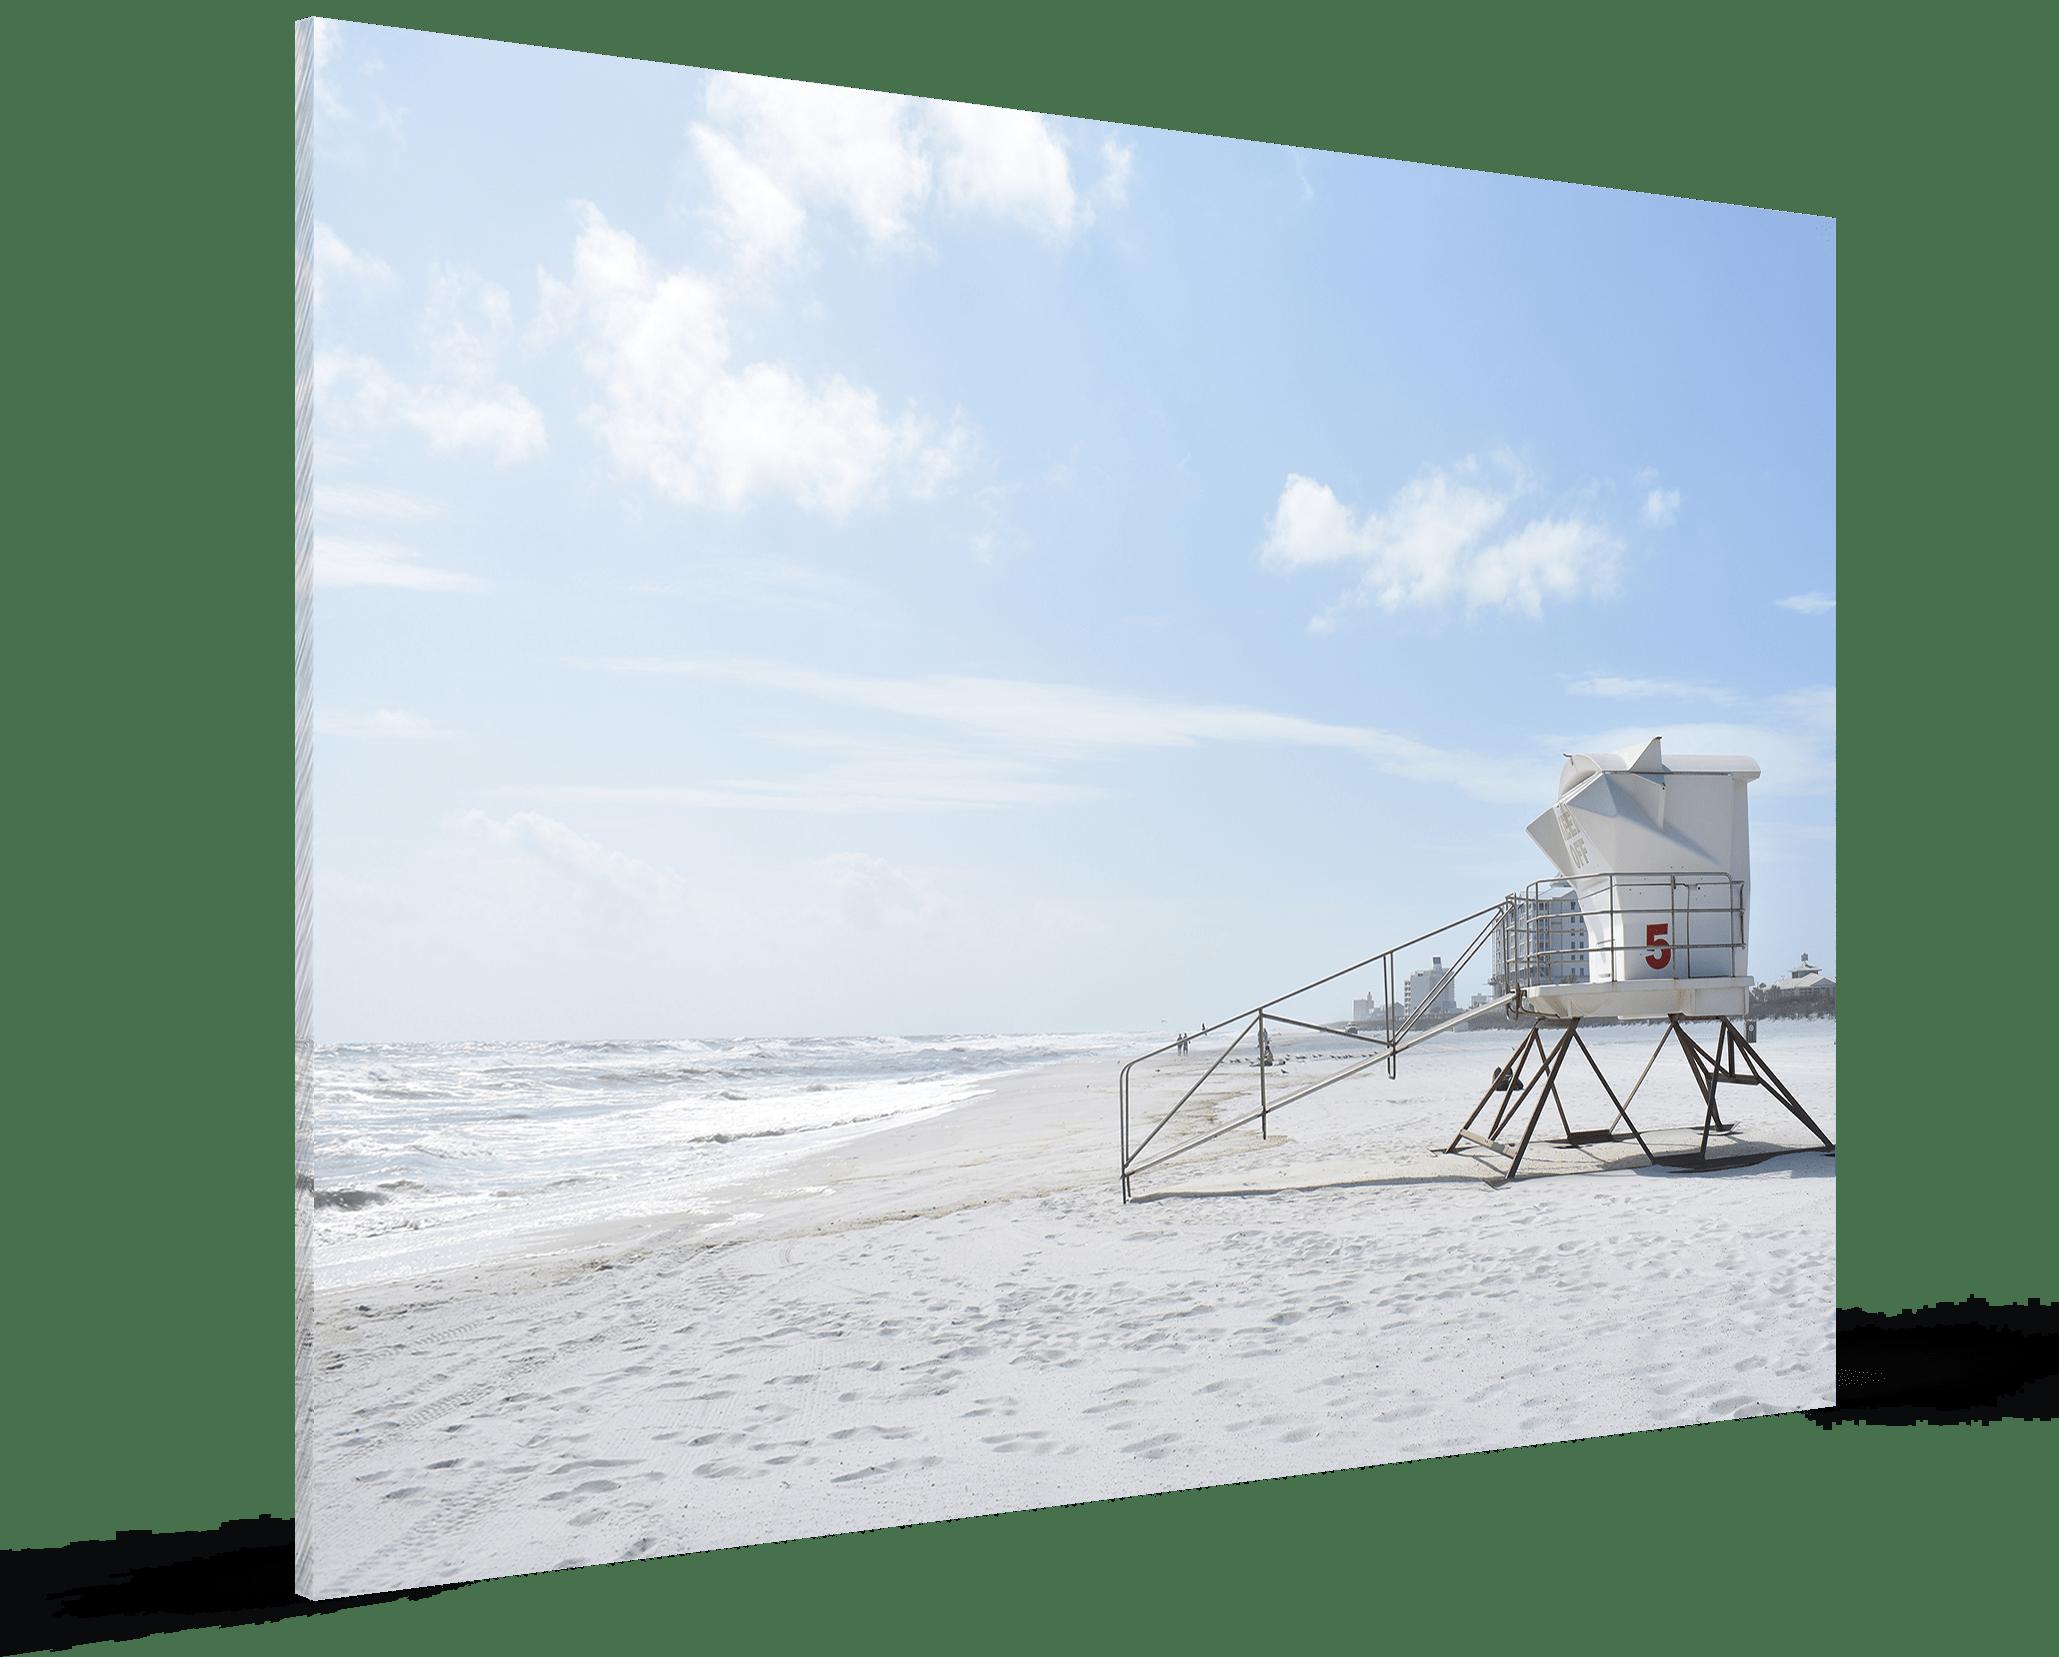 Foto auf Plexiglas als 3 mm Ausführung